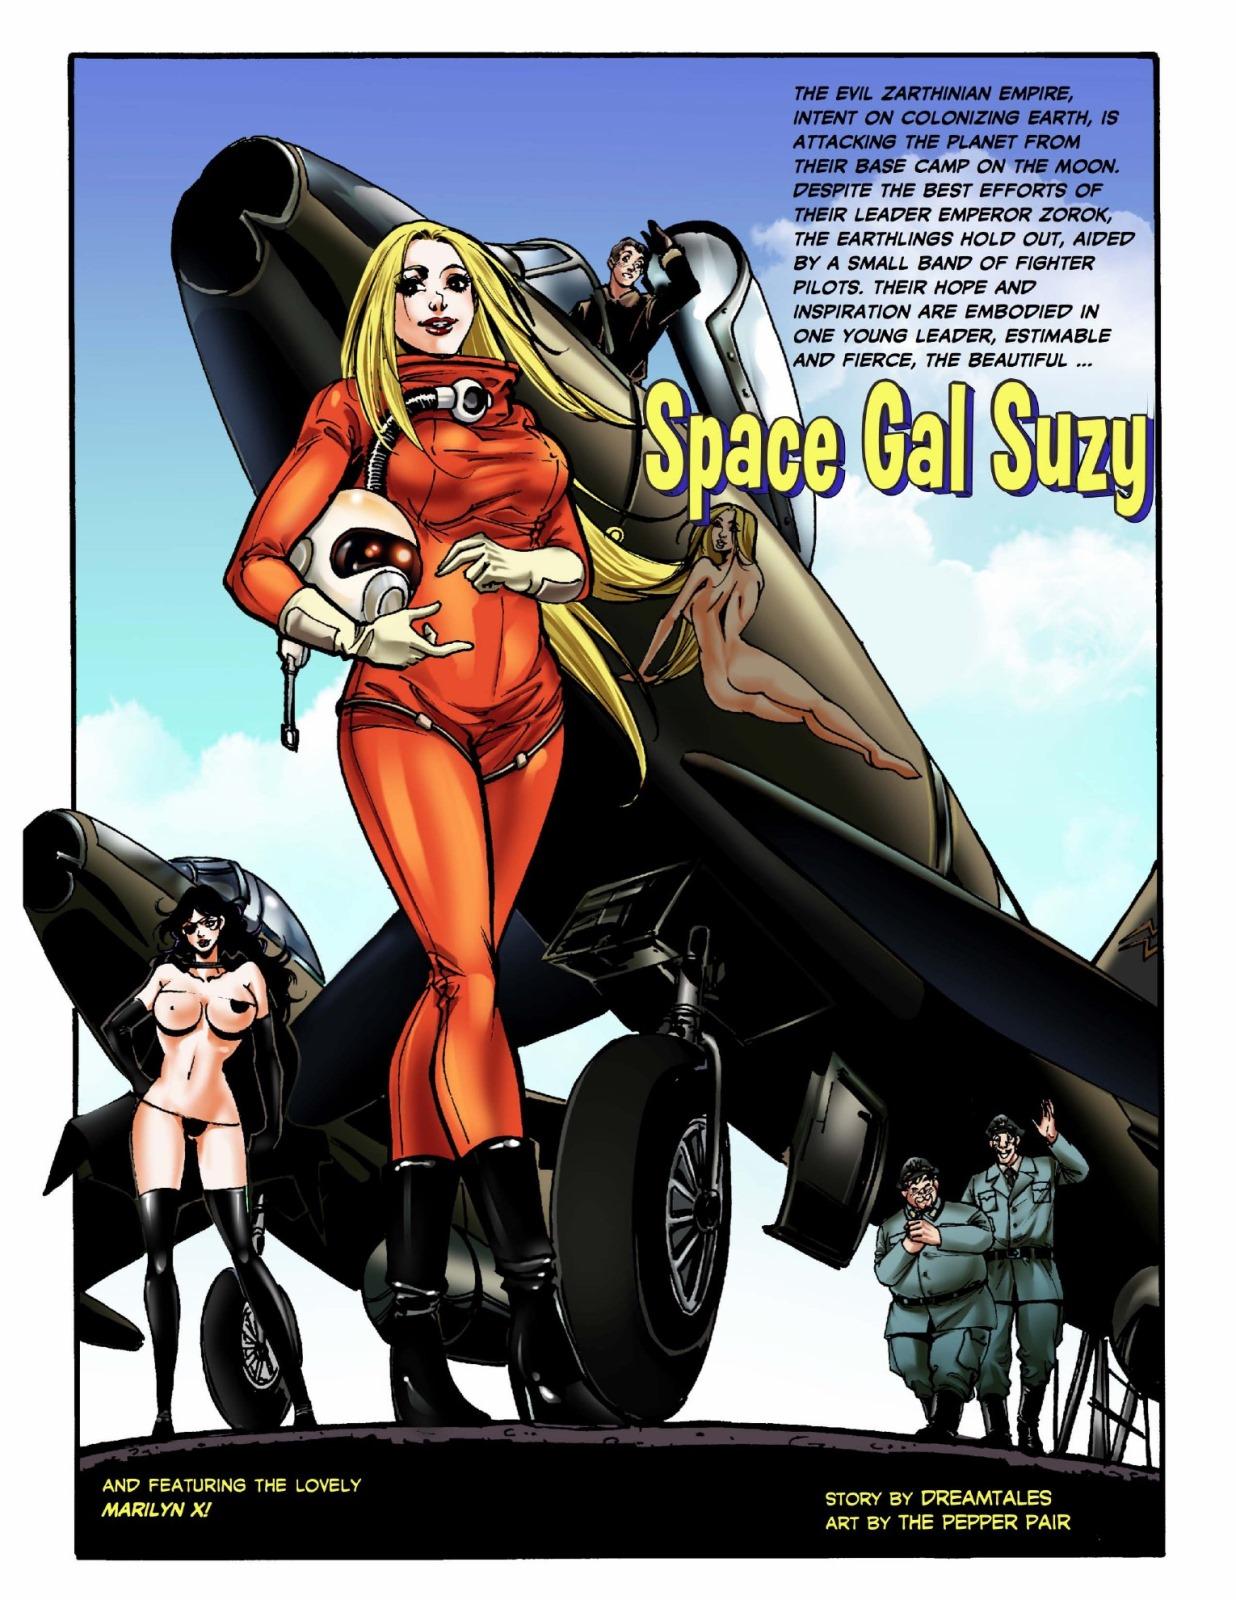 Porn Comics - Space Gal Suzy- Dreamstales porn comics 8 muses